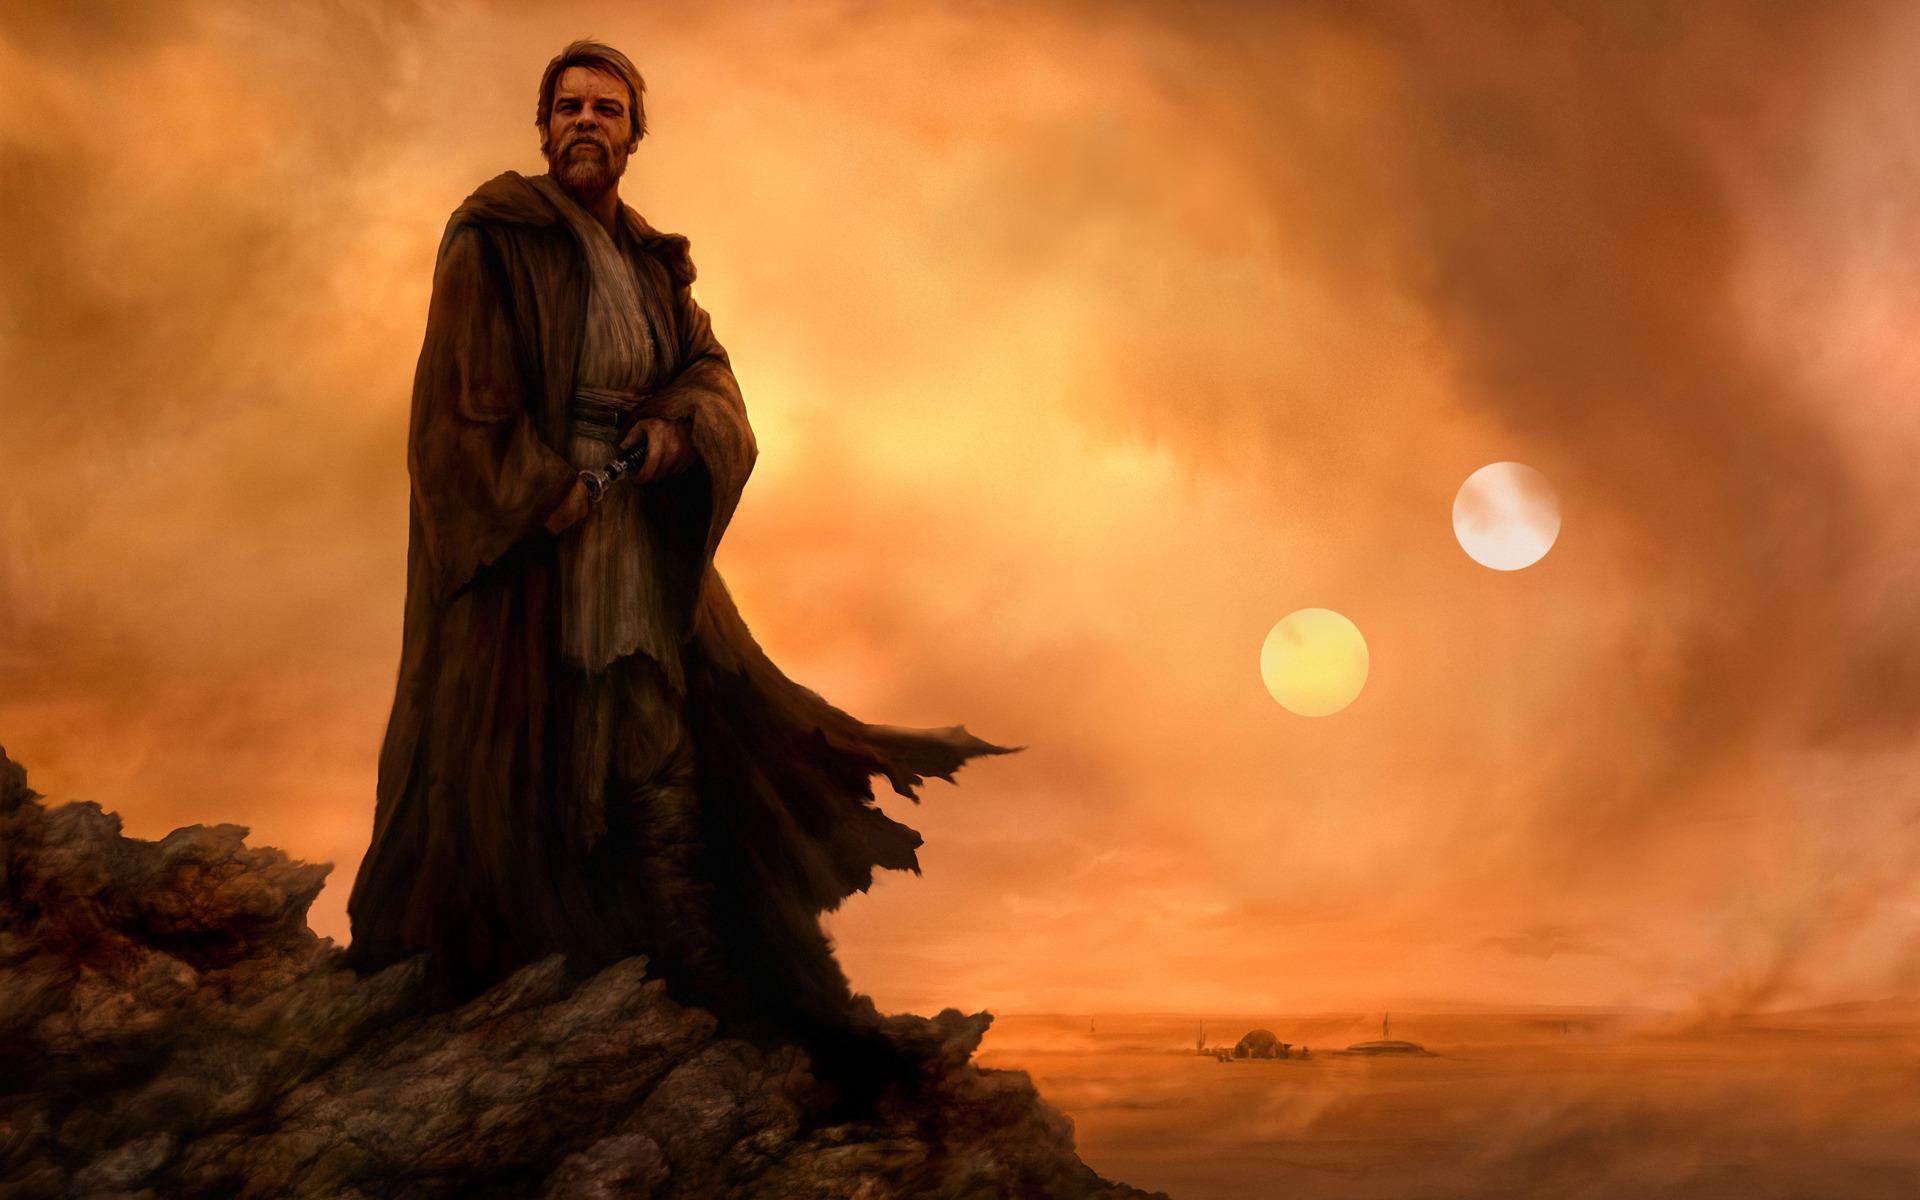 Obi Wan Kenobi   Star Wars wallpaper 17694 1920x1200